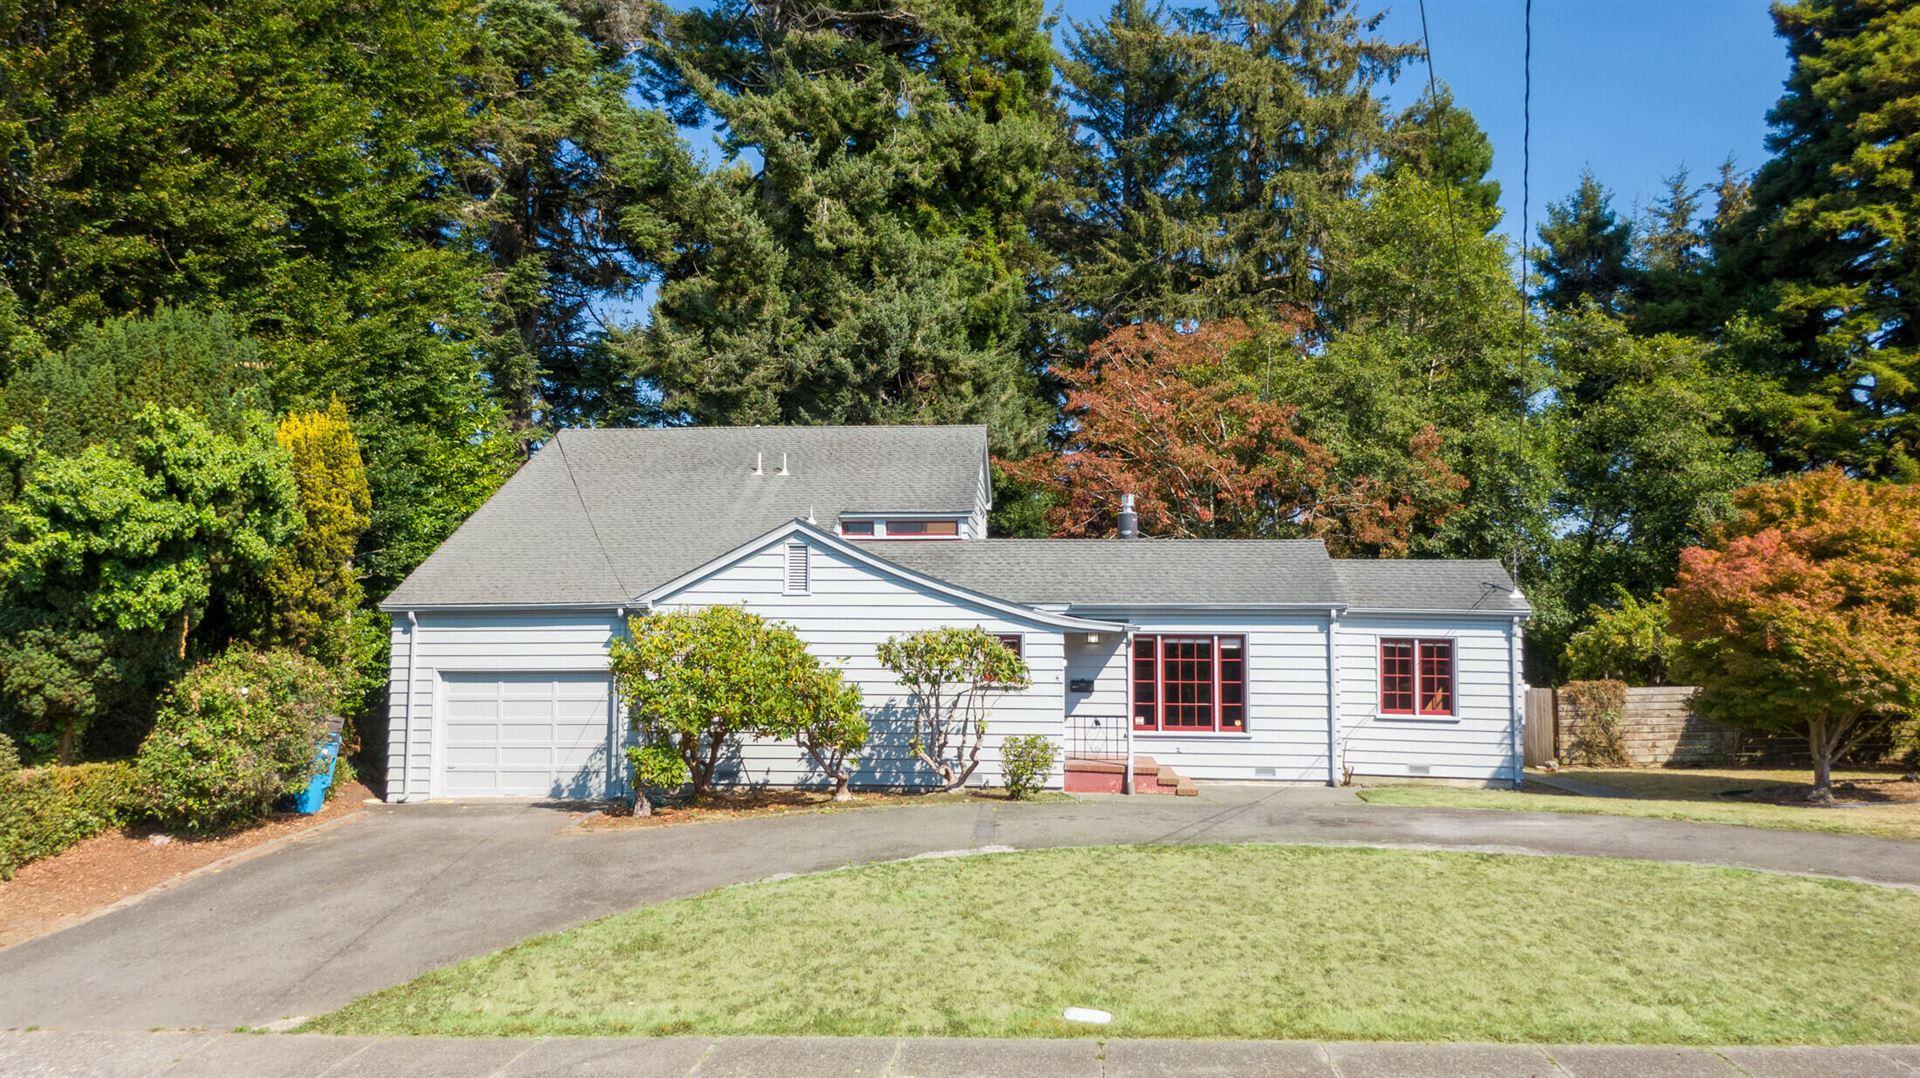 2525 L Street, Eureka, CA 95501 - MLS#: 260077